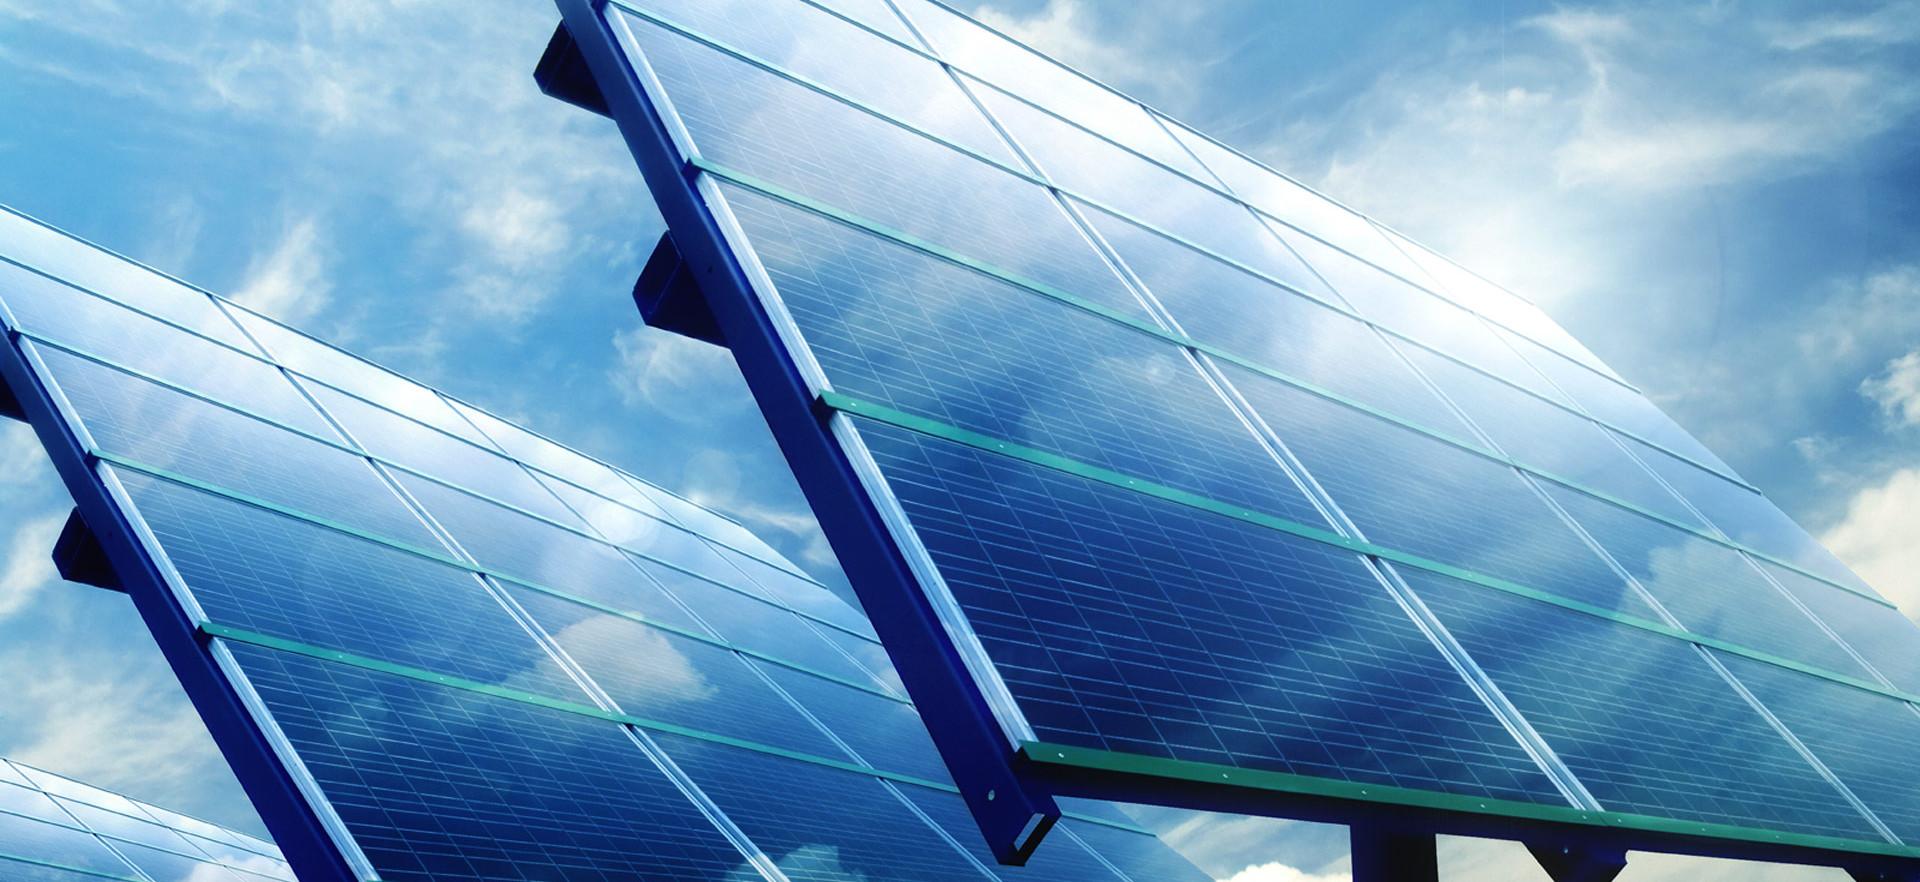 installazione-assistenza-impianti-fotovoltaici-sassari-safety-energy